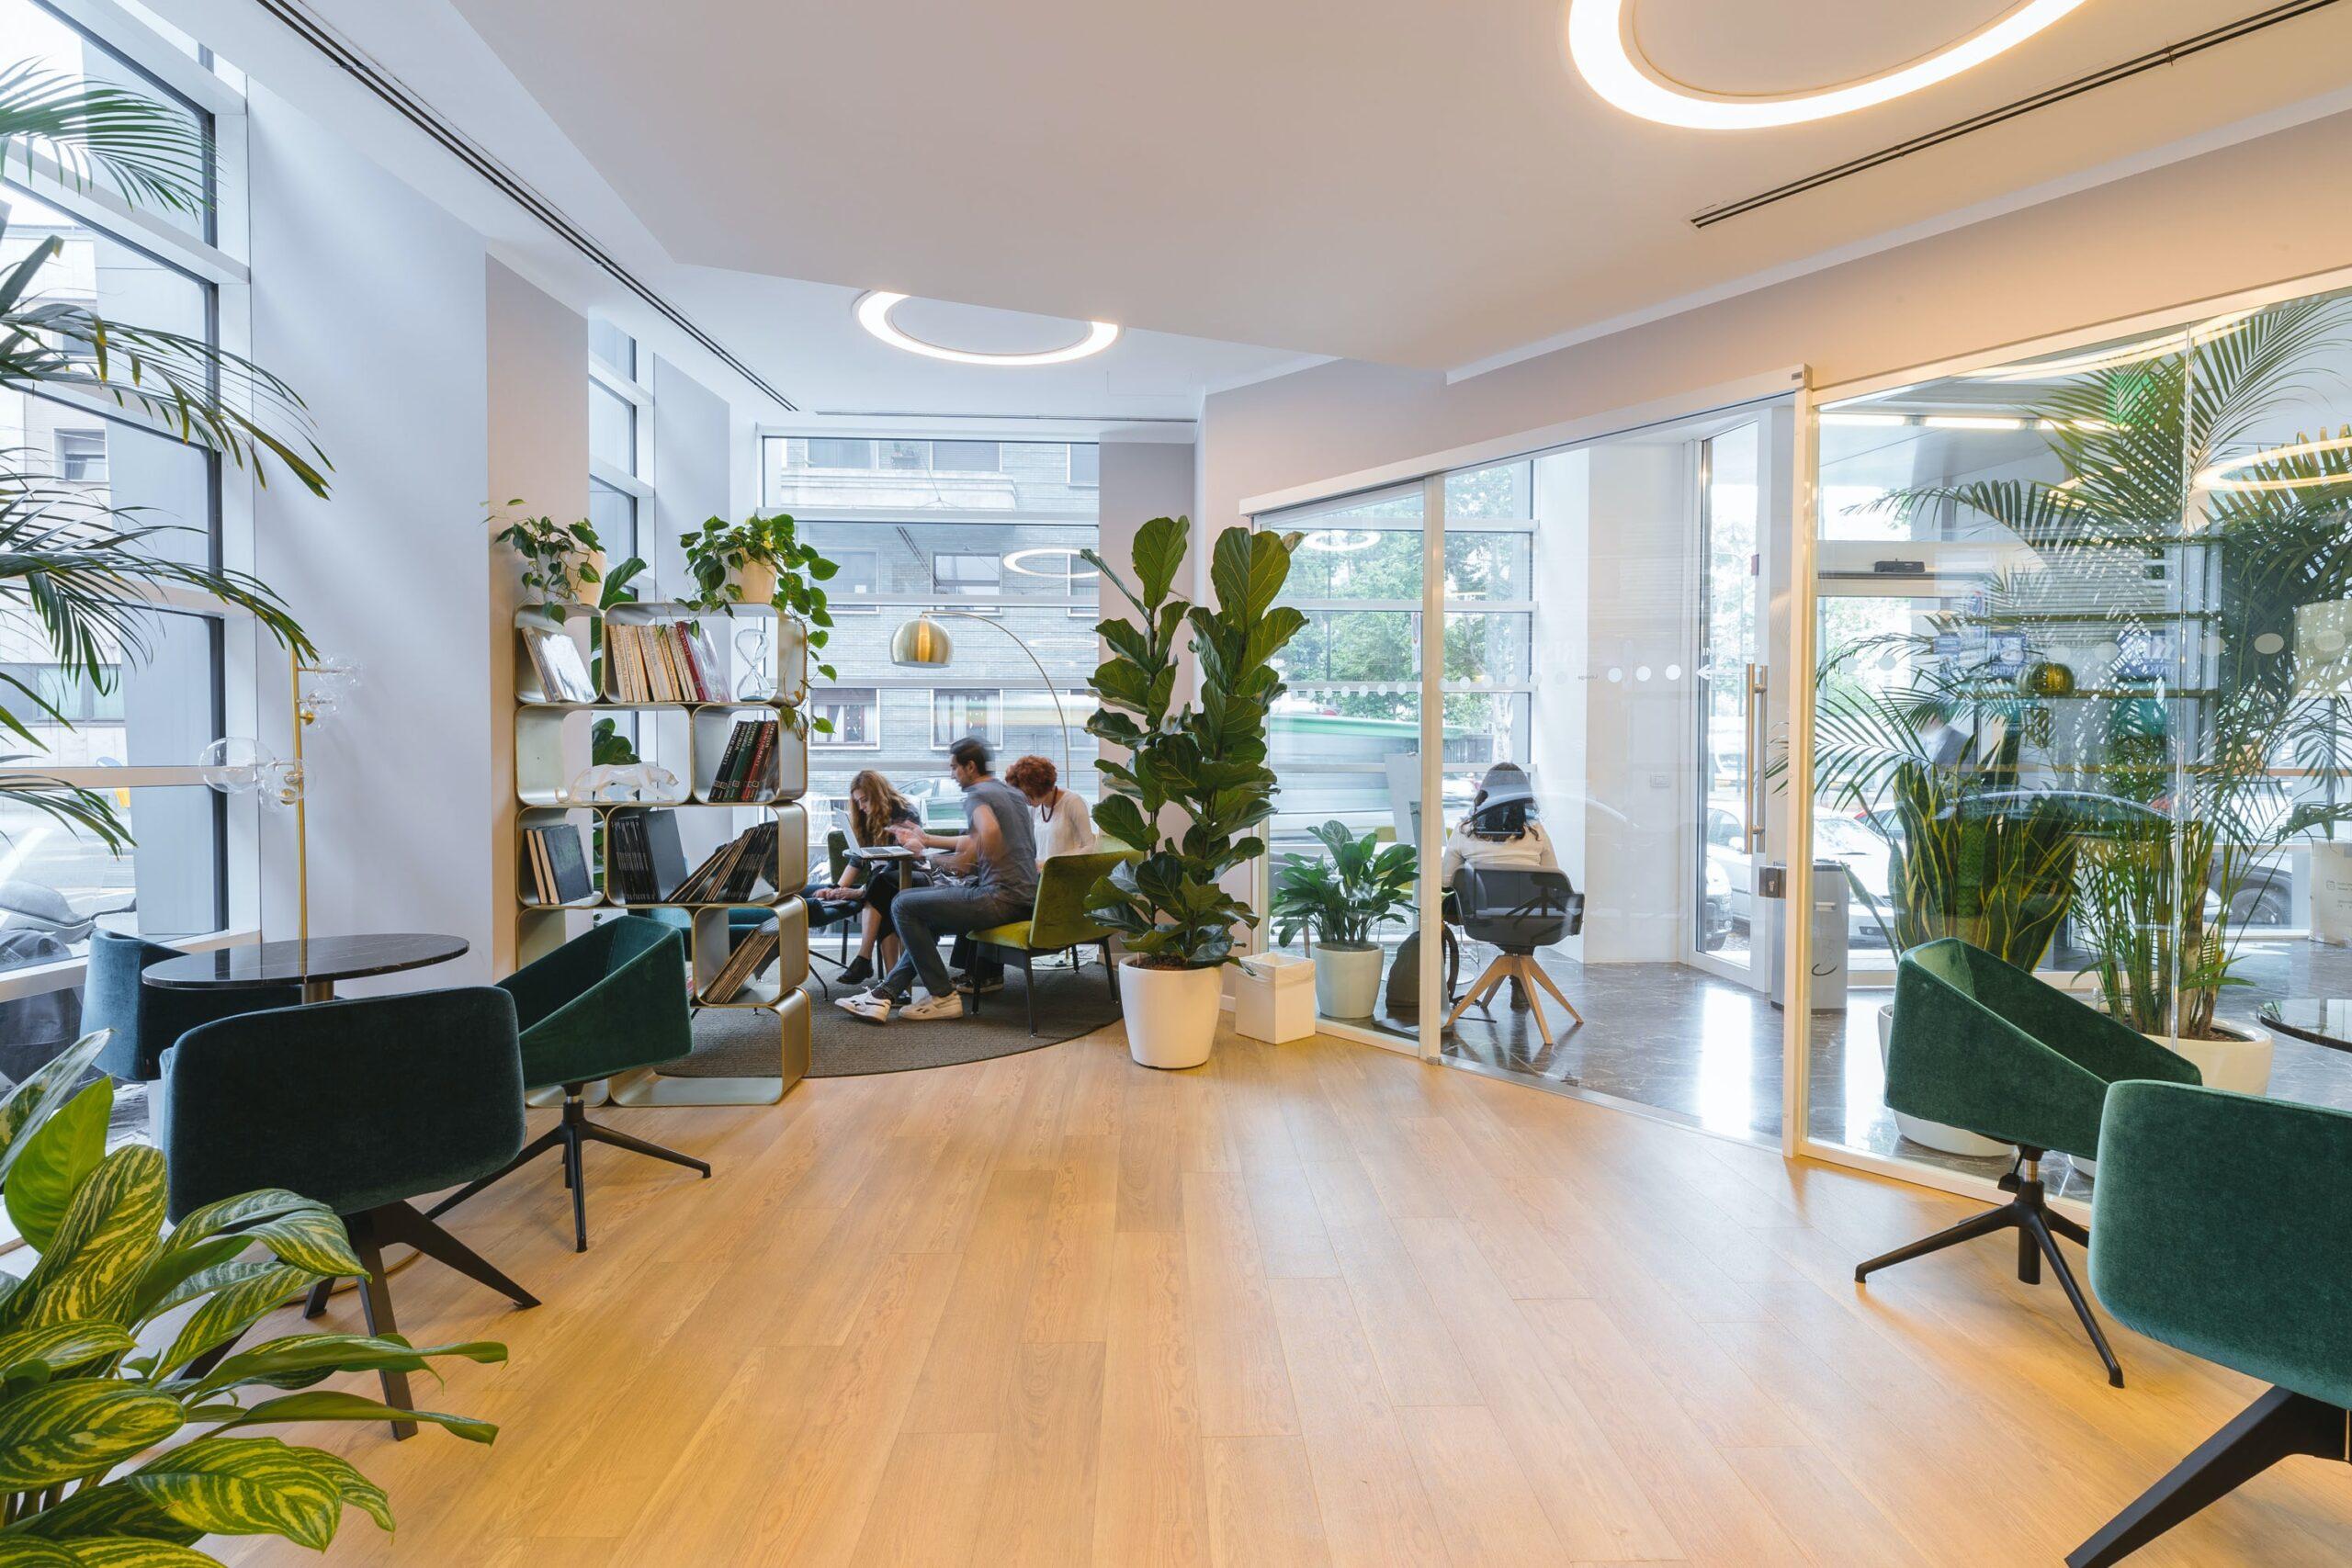 オフィスの内装はこう考える②:植物を取り入れる